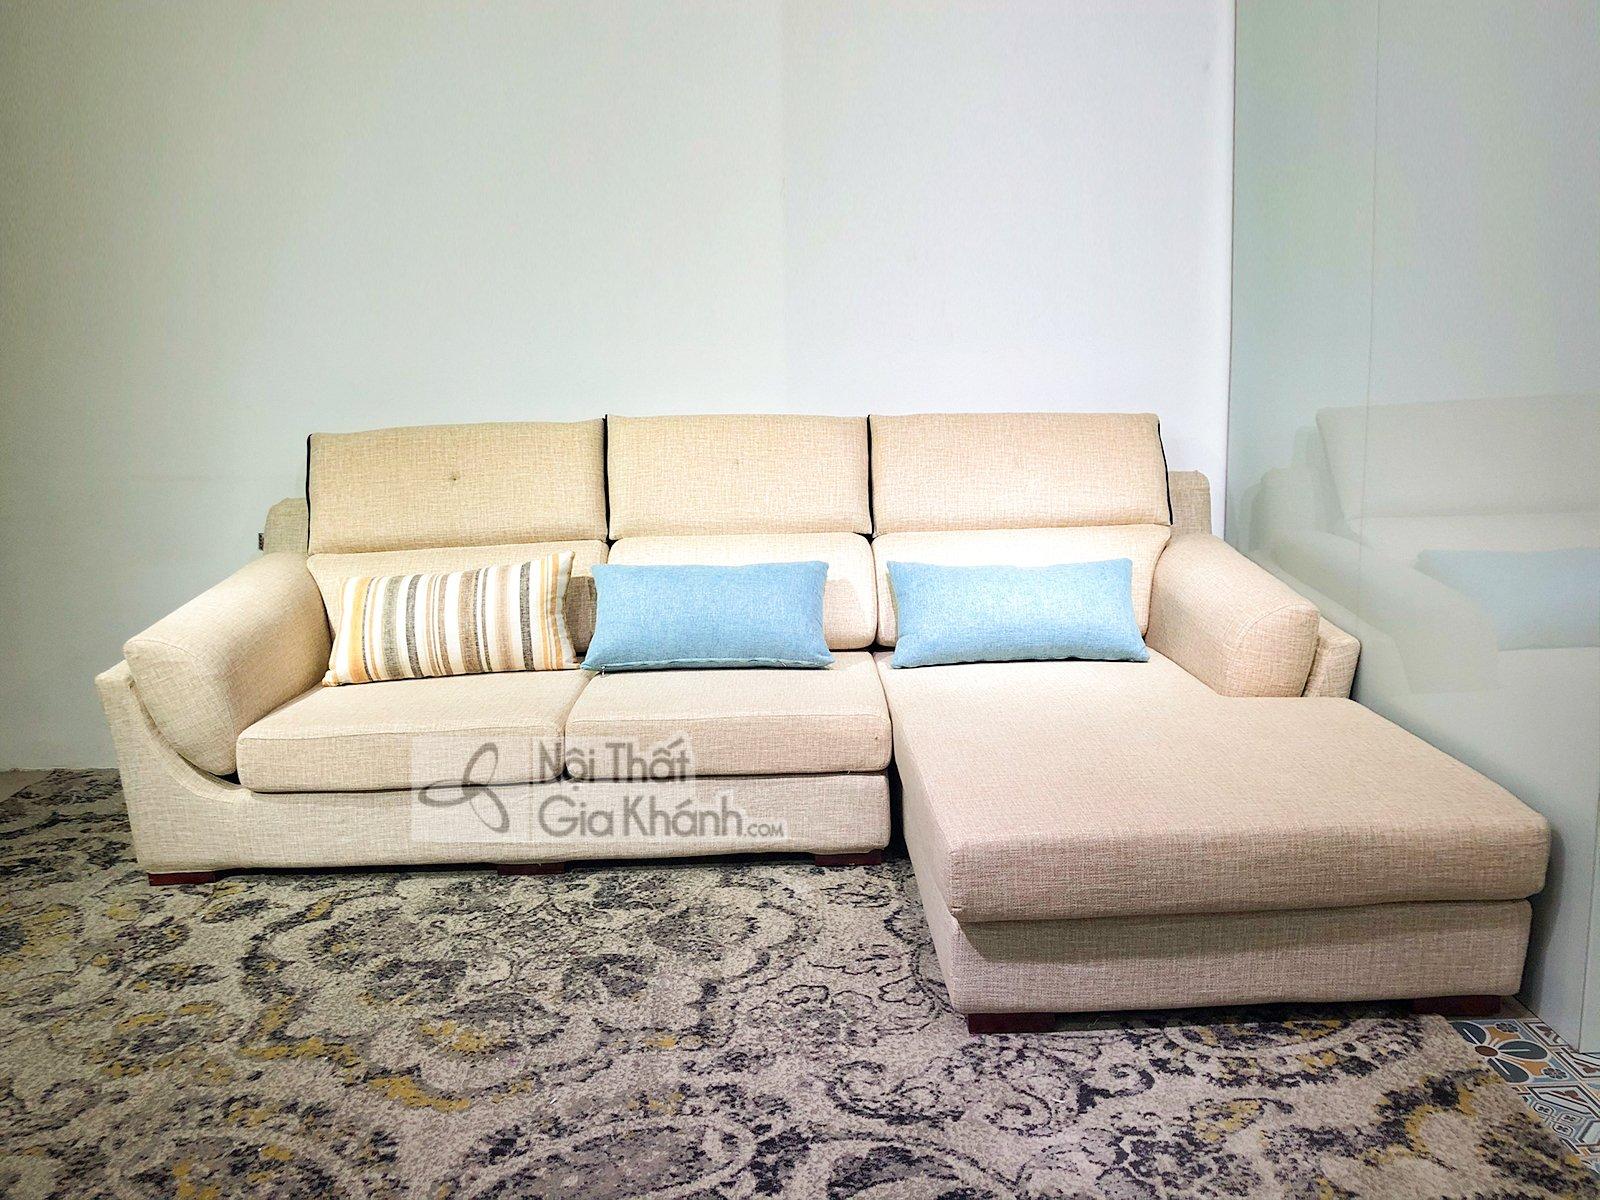 Sofa vải nỉ cao cấp nhập khẩu 2 băng 9001SF2GT - sofa chu l hien dai nhap khau cao cap ma 9001sf3gp 10